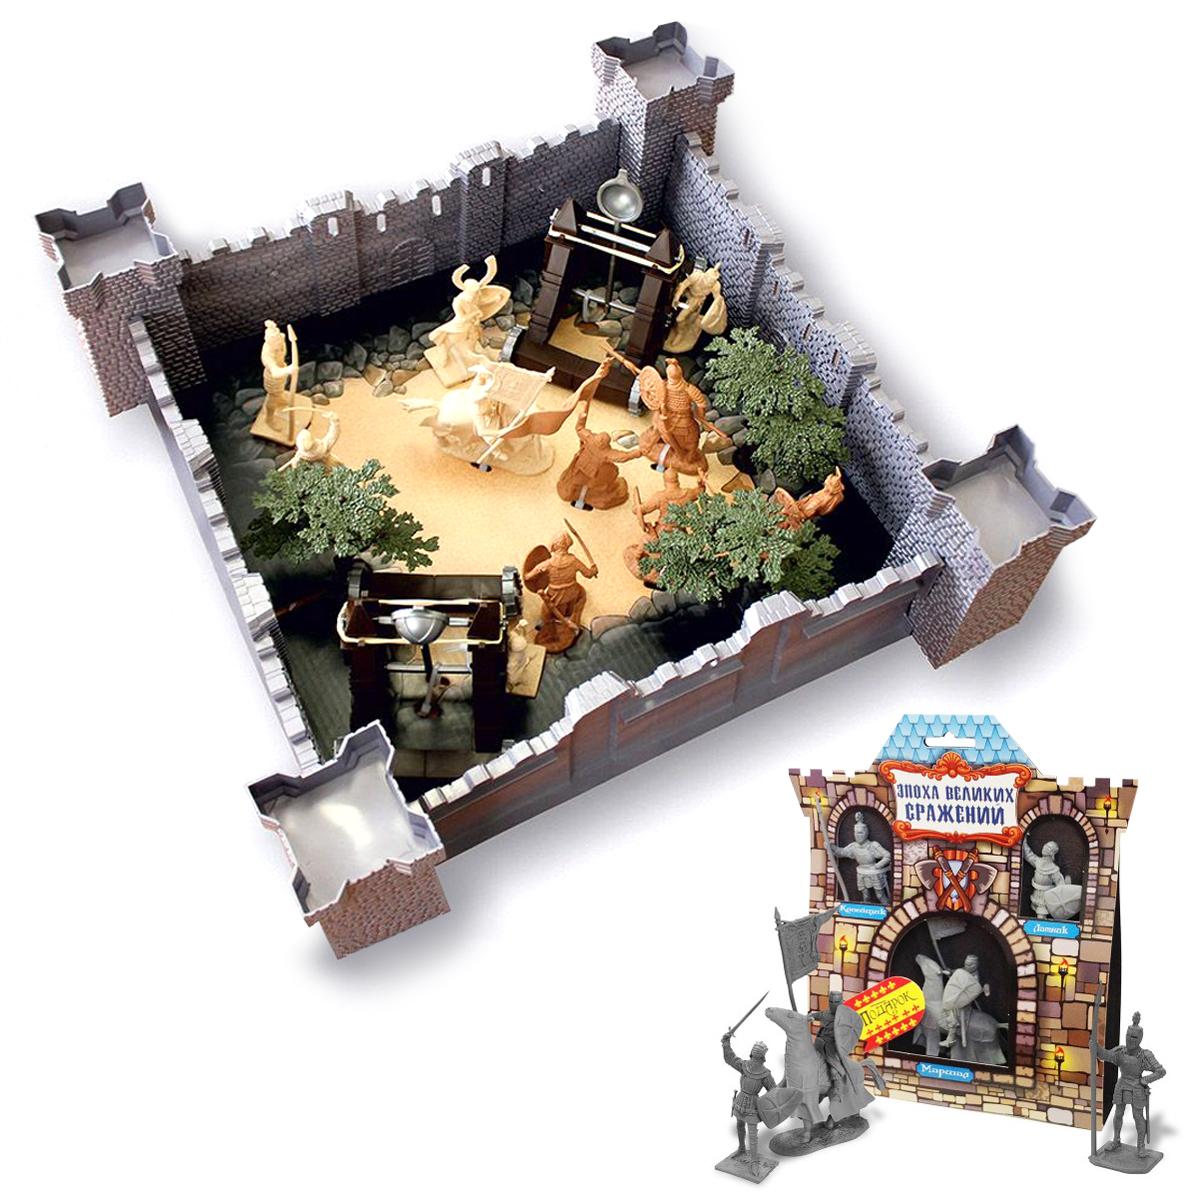 Купить Игровой набор 1291 Год взятия крепости 12062 + Эпоха Великих Сражений Крестоносцы №1 12058, Биплант,